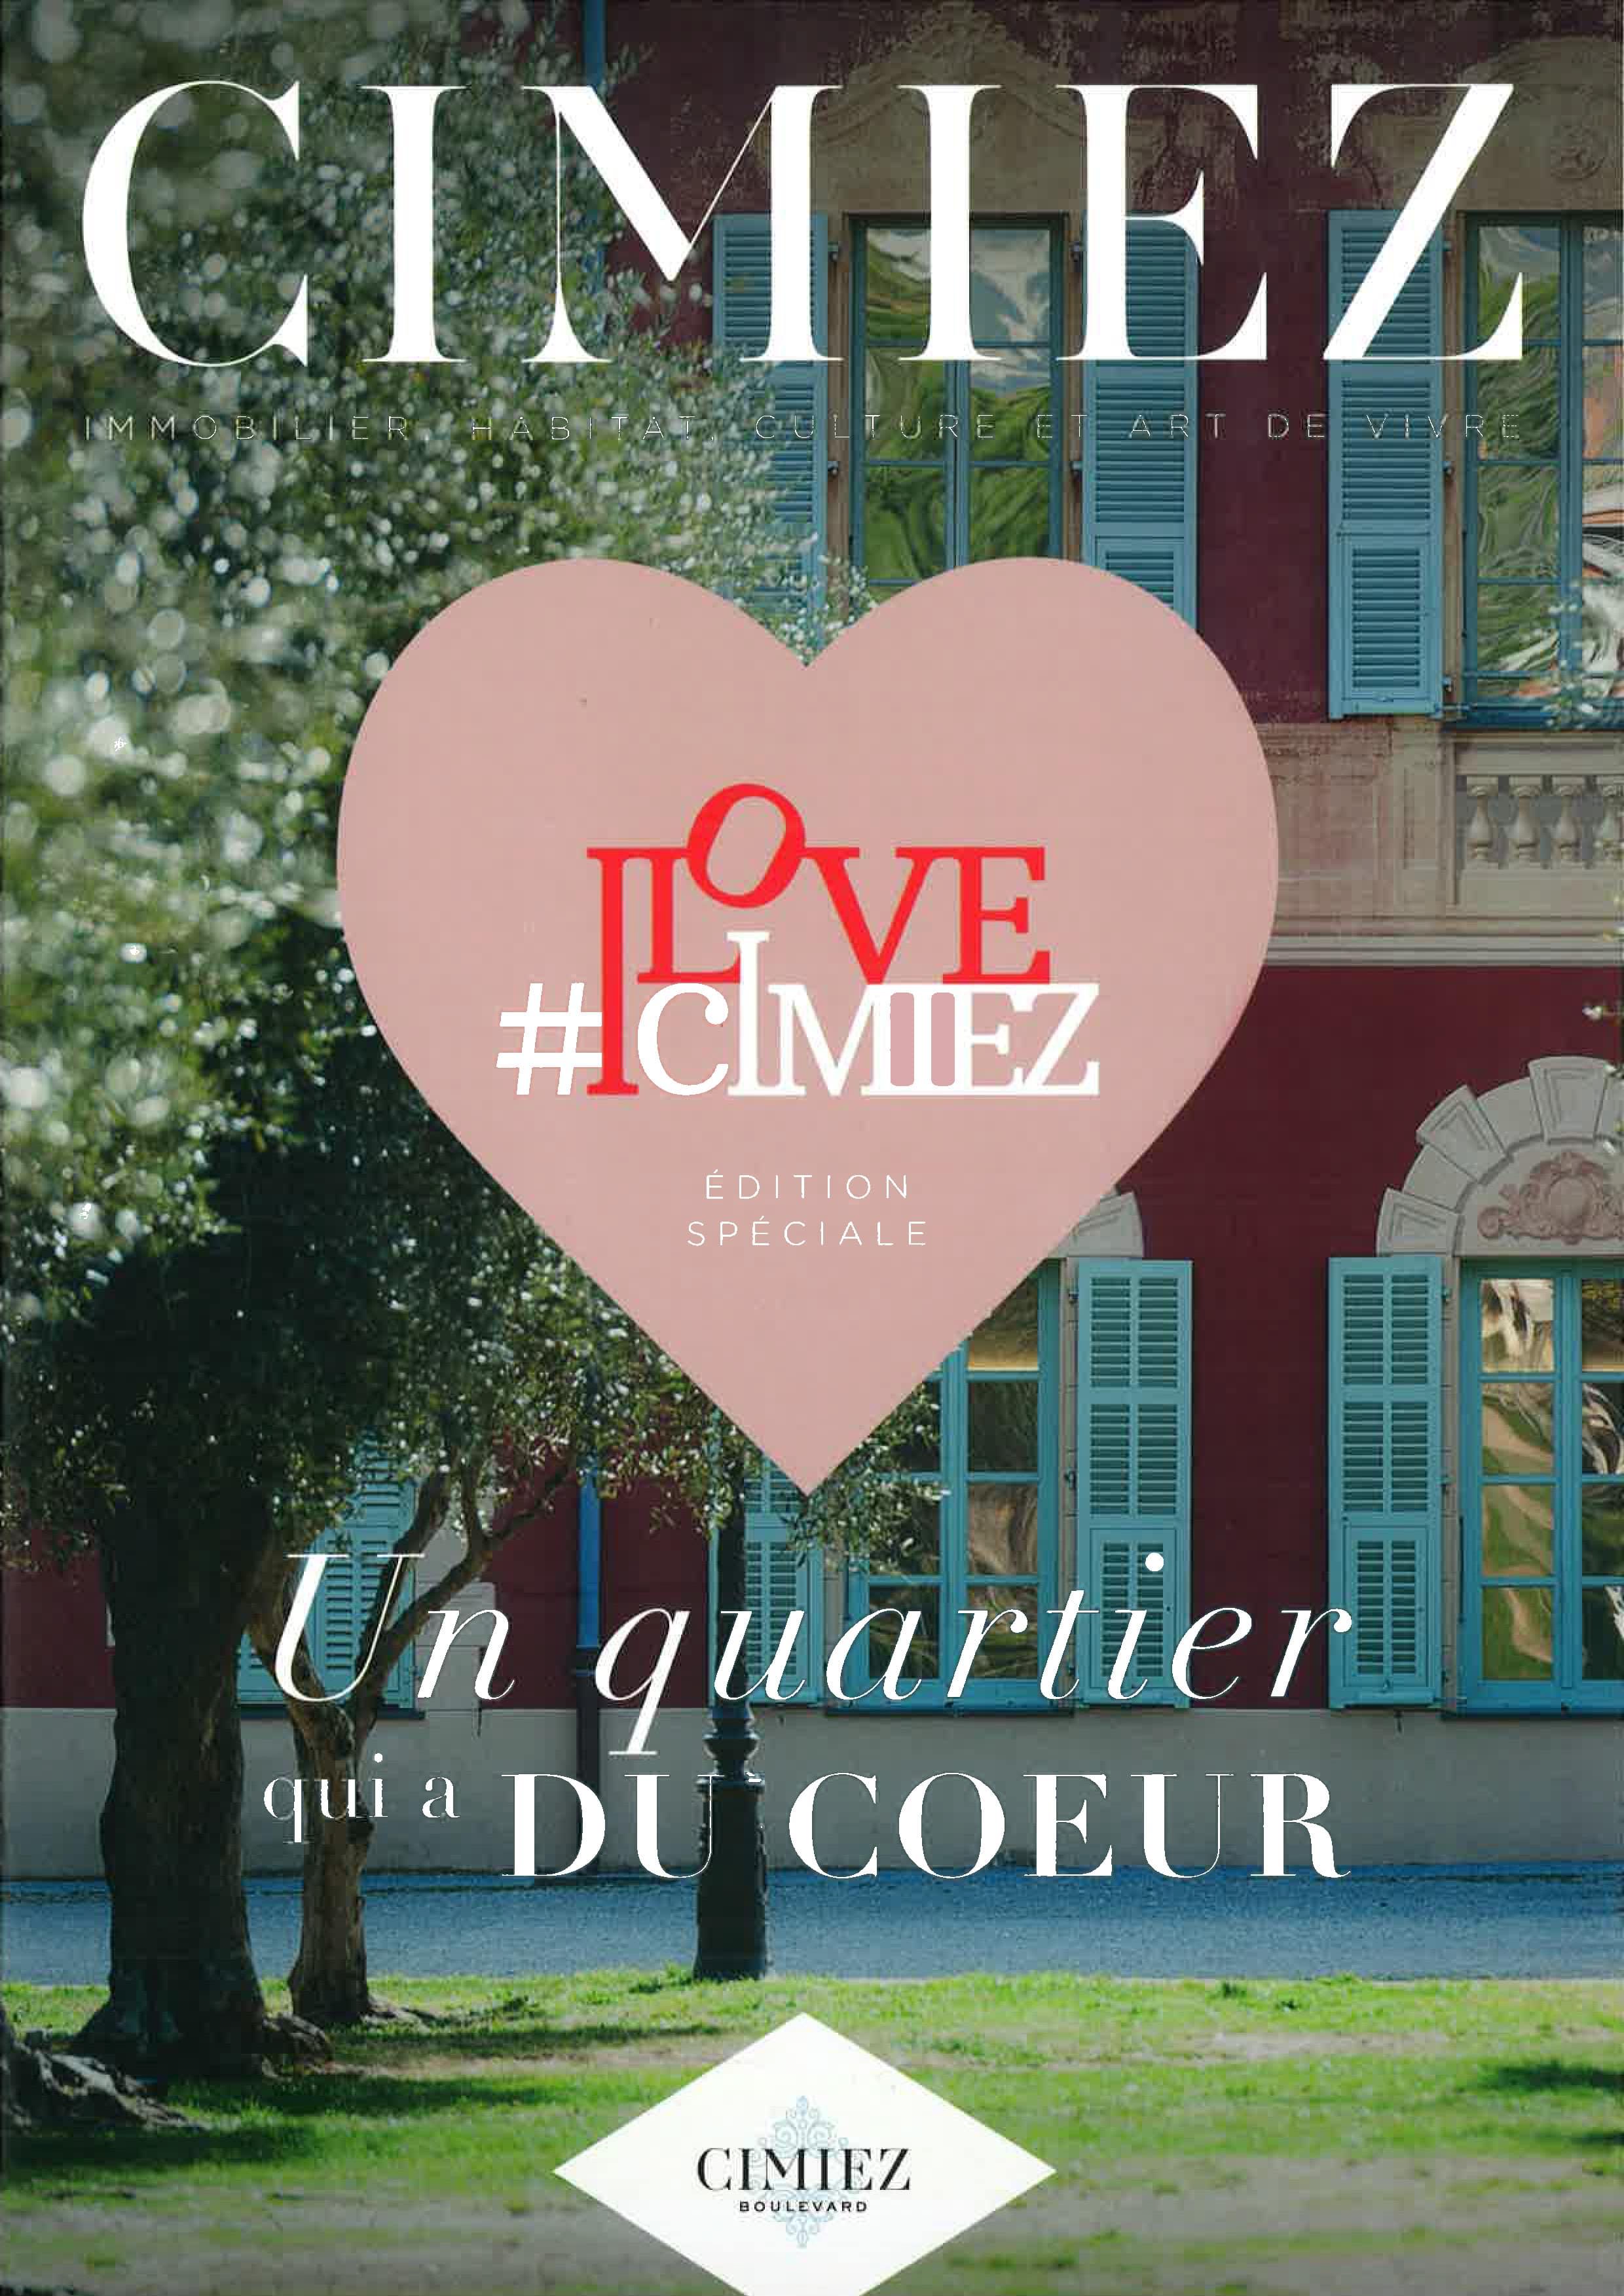 Magazine Cimiez Immobilier